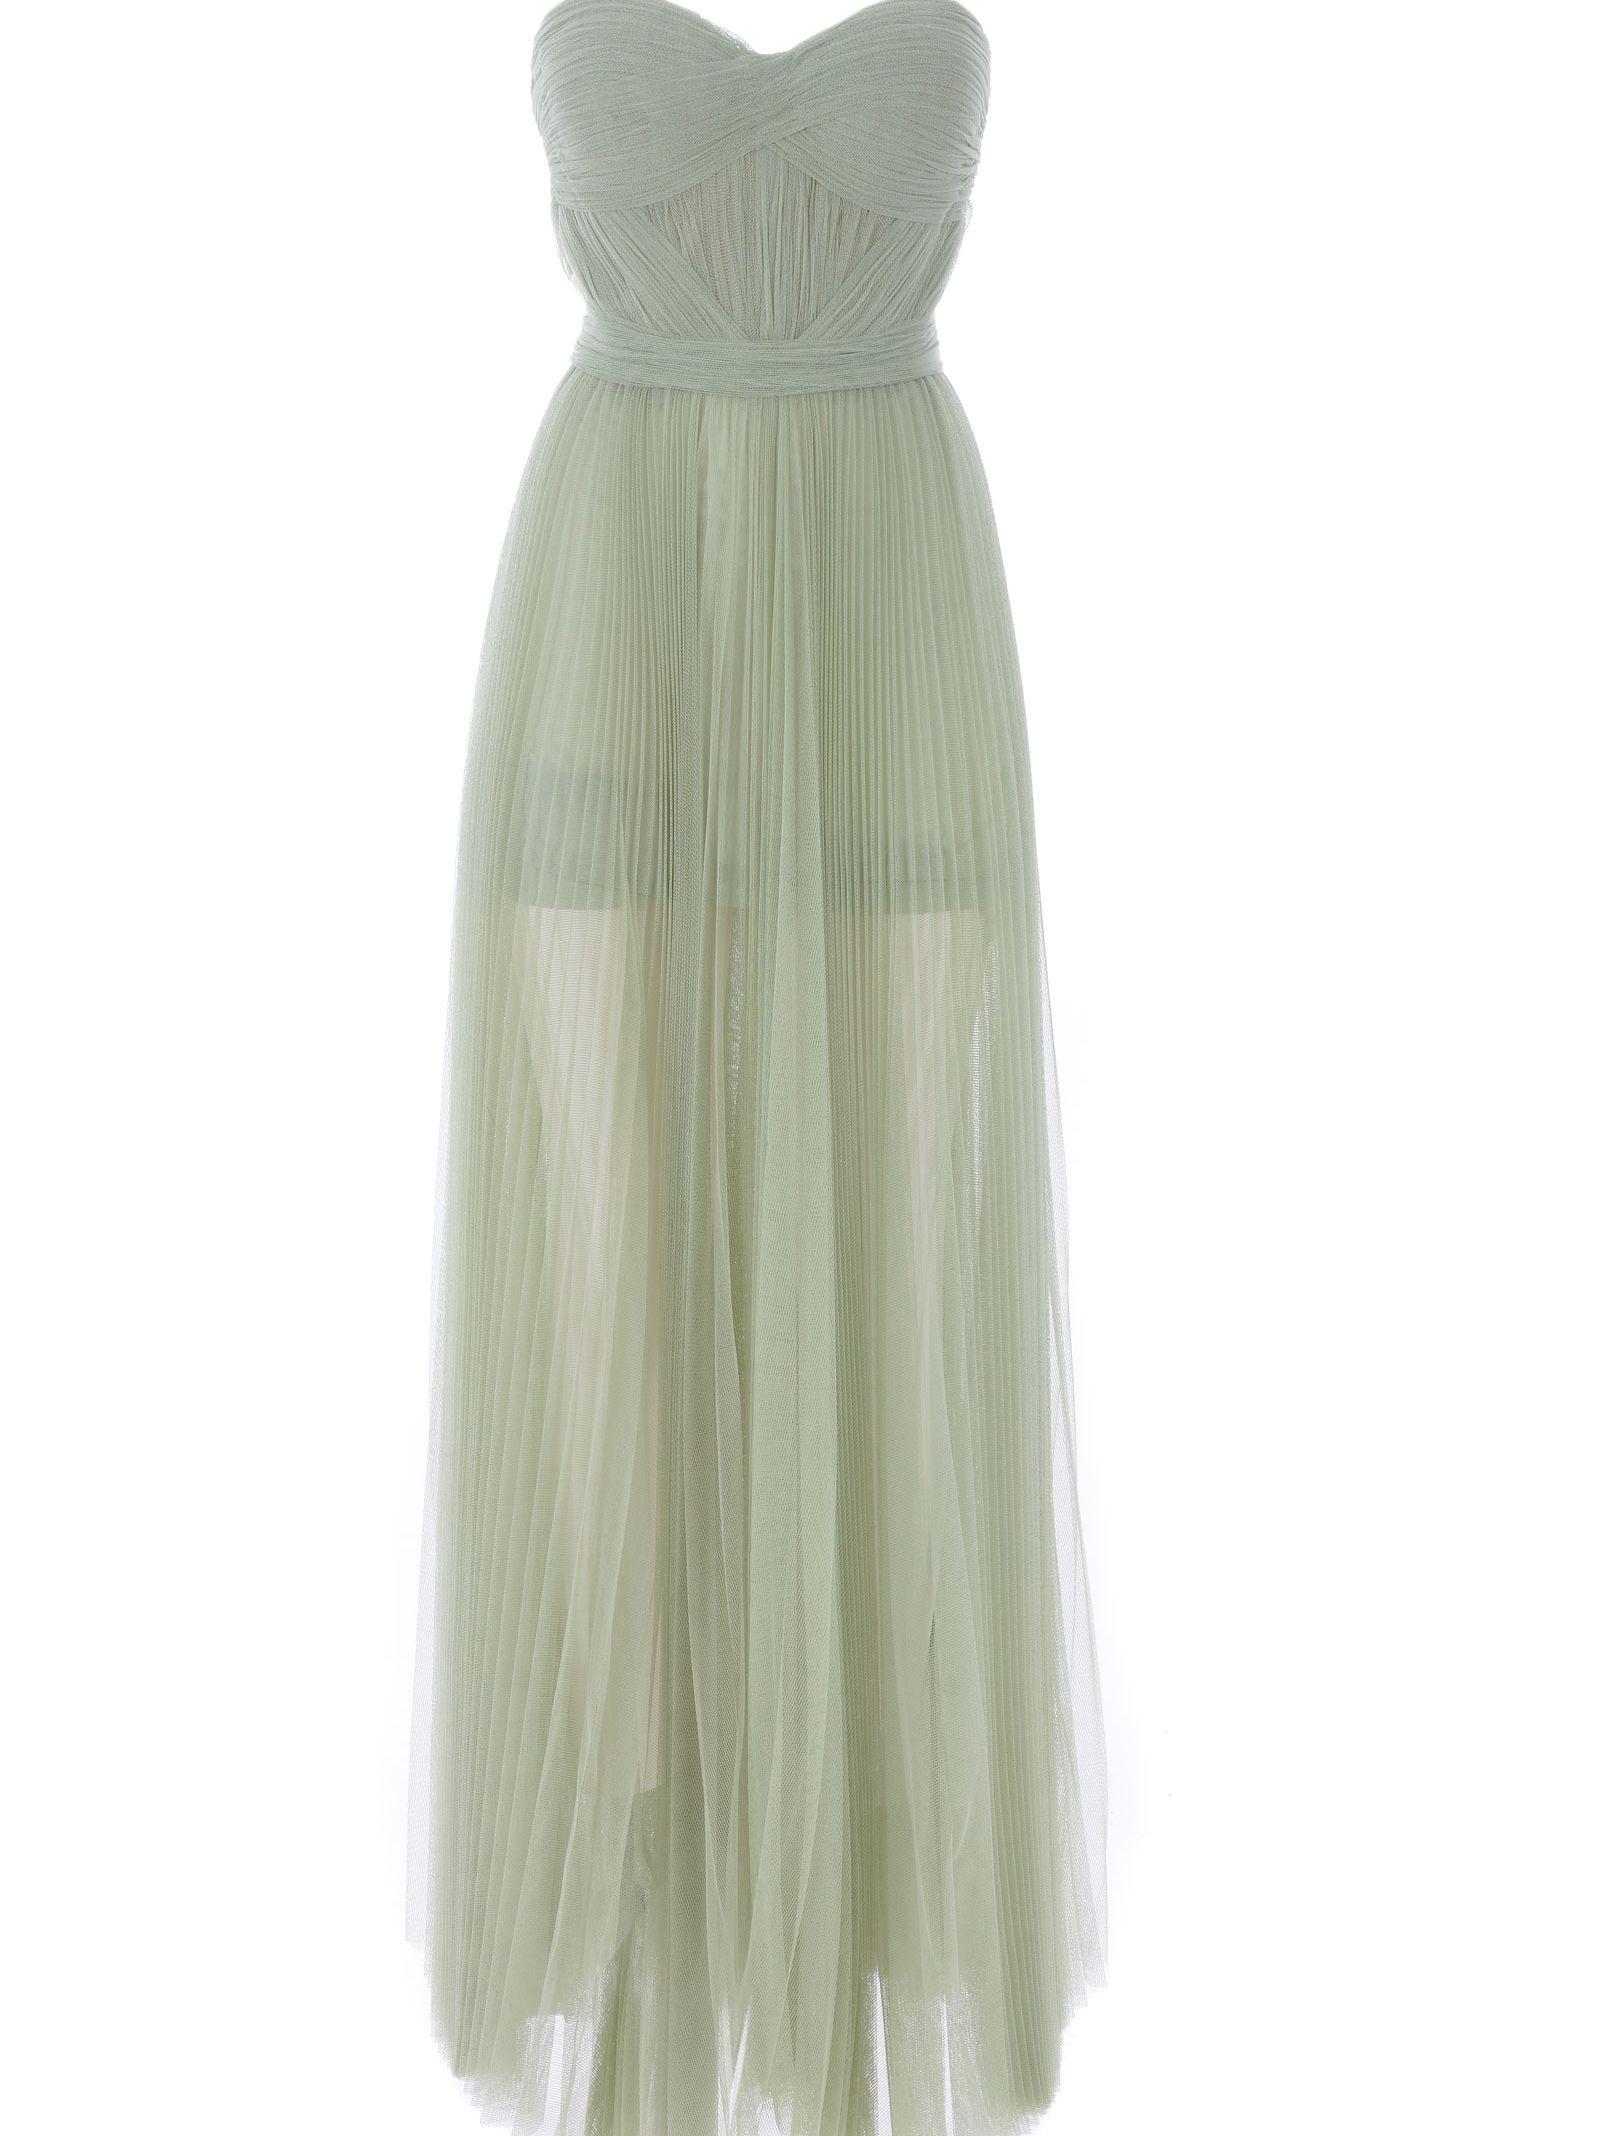 Maria Lucia Hohan Tamia Dress